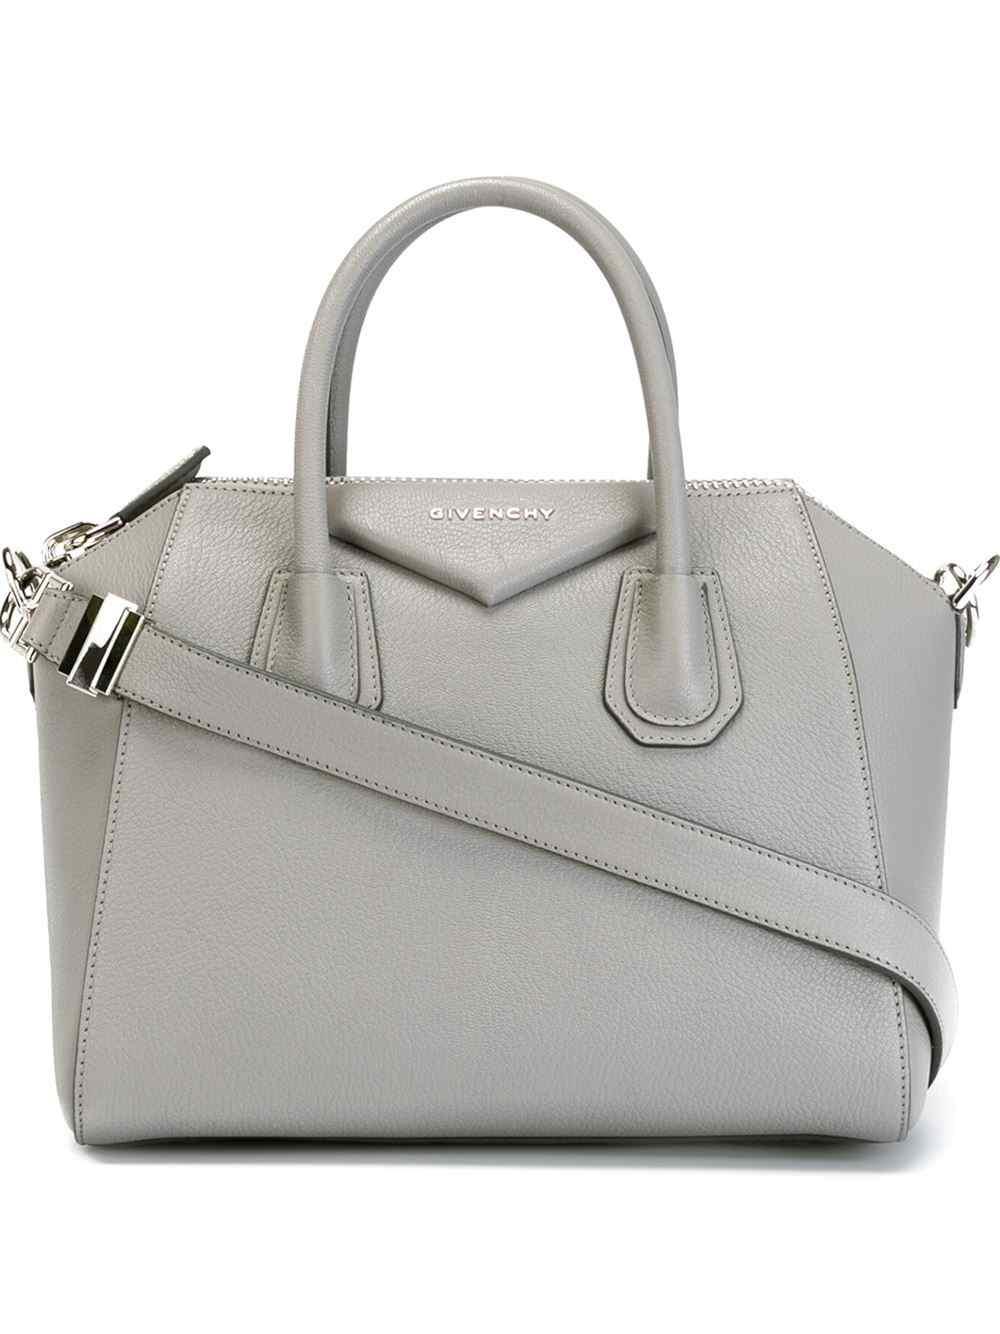 Givenchy - sac (1550€)